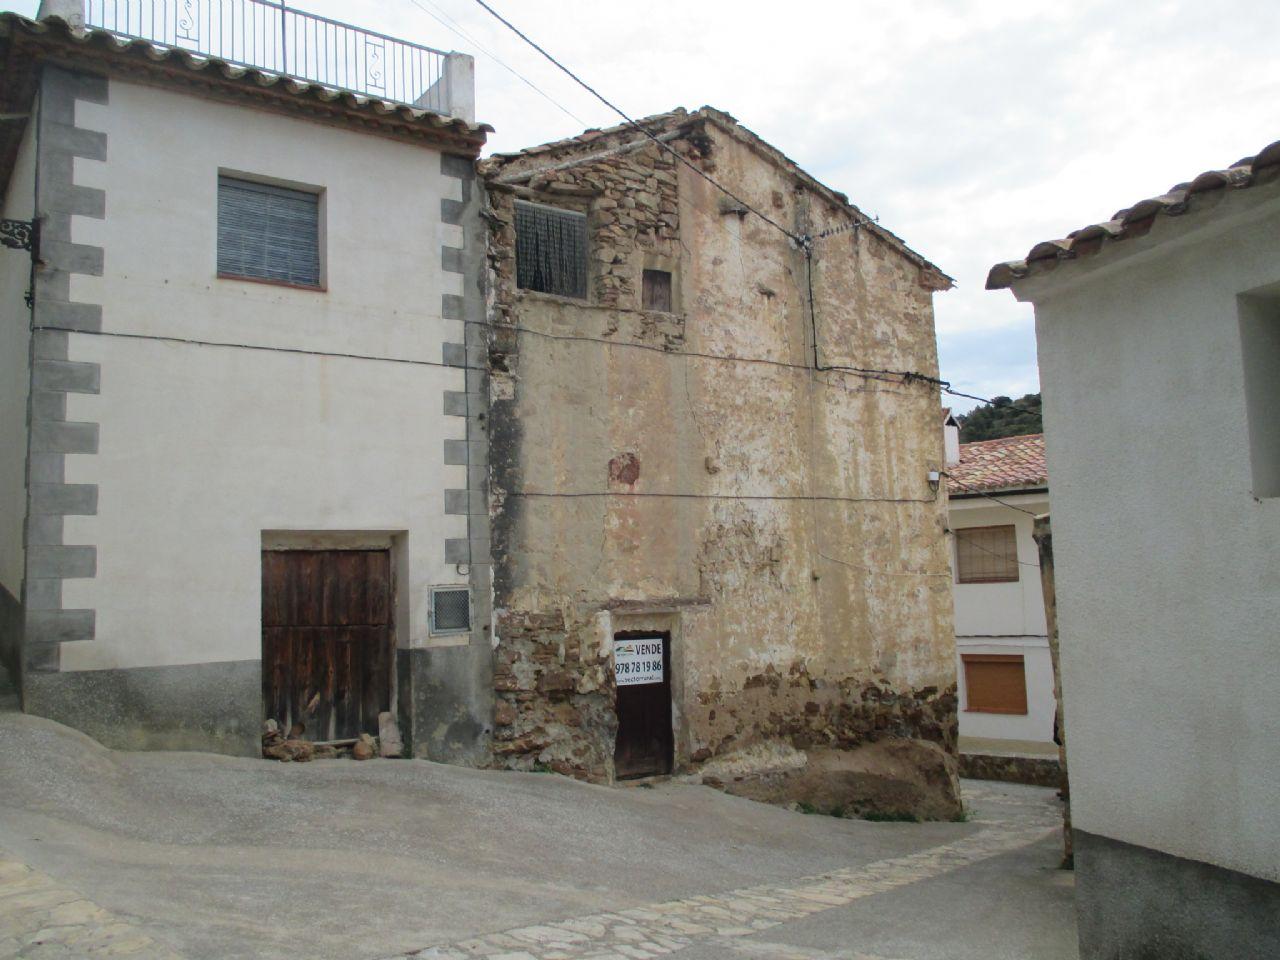 Pikku kaupungin asunto sijainti Cortes de Arenoso, Alto Mijares, myynti